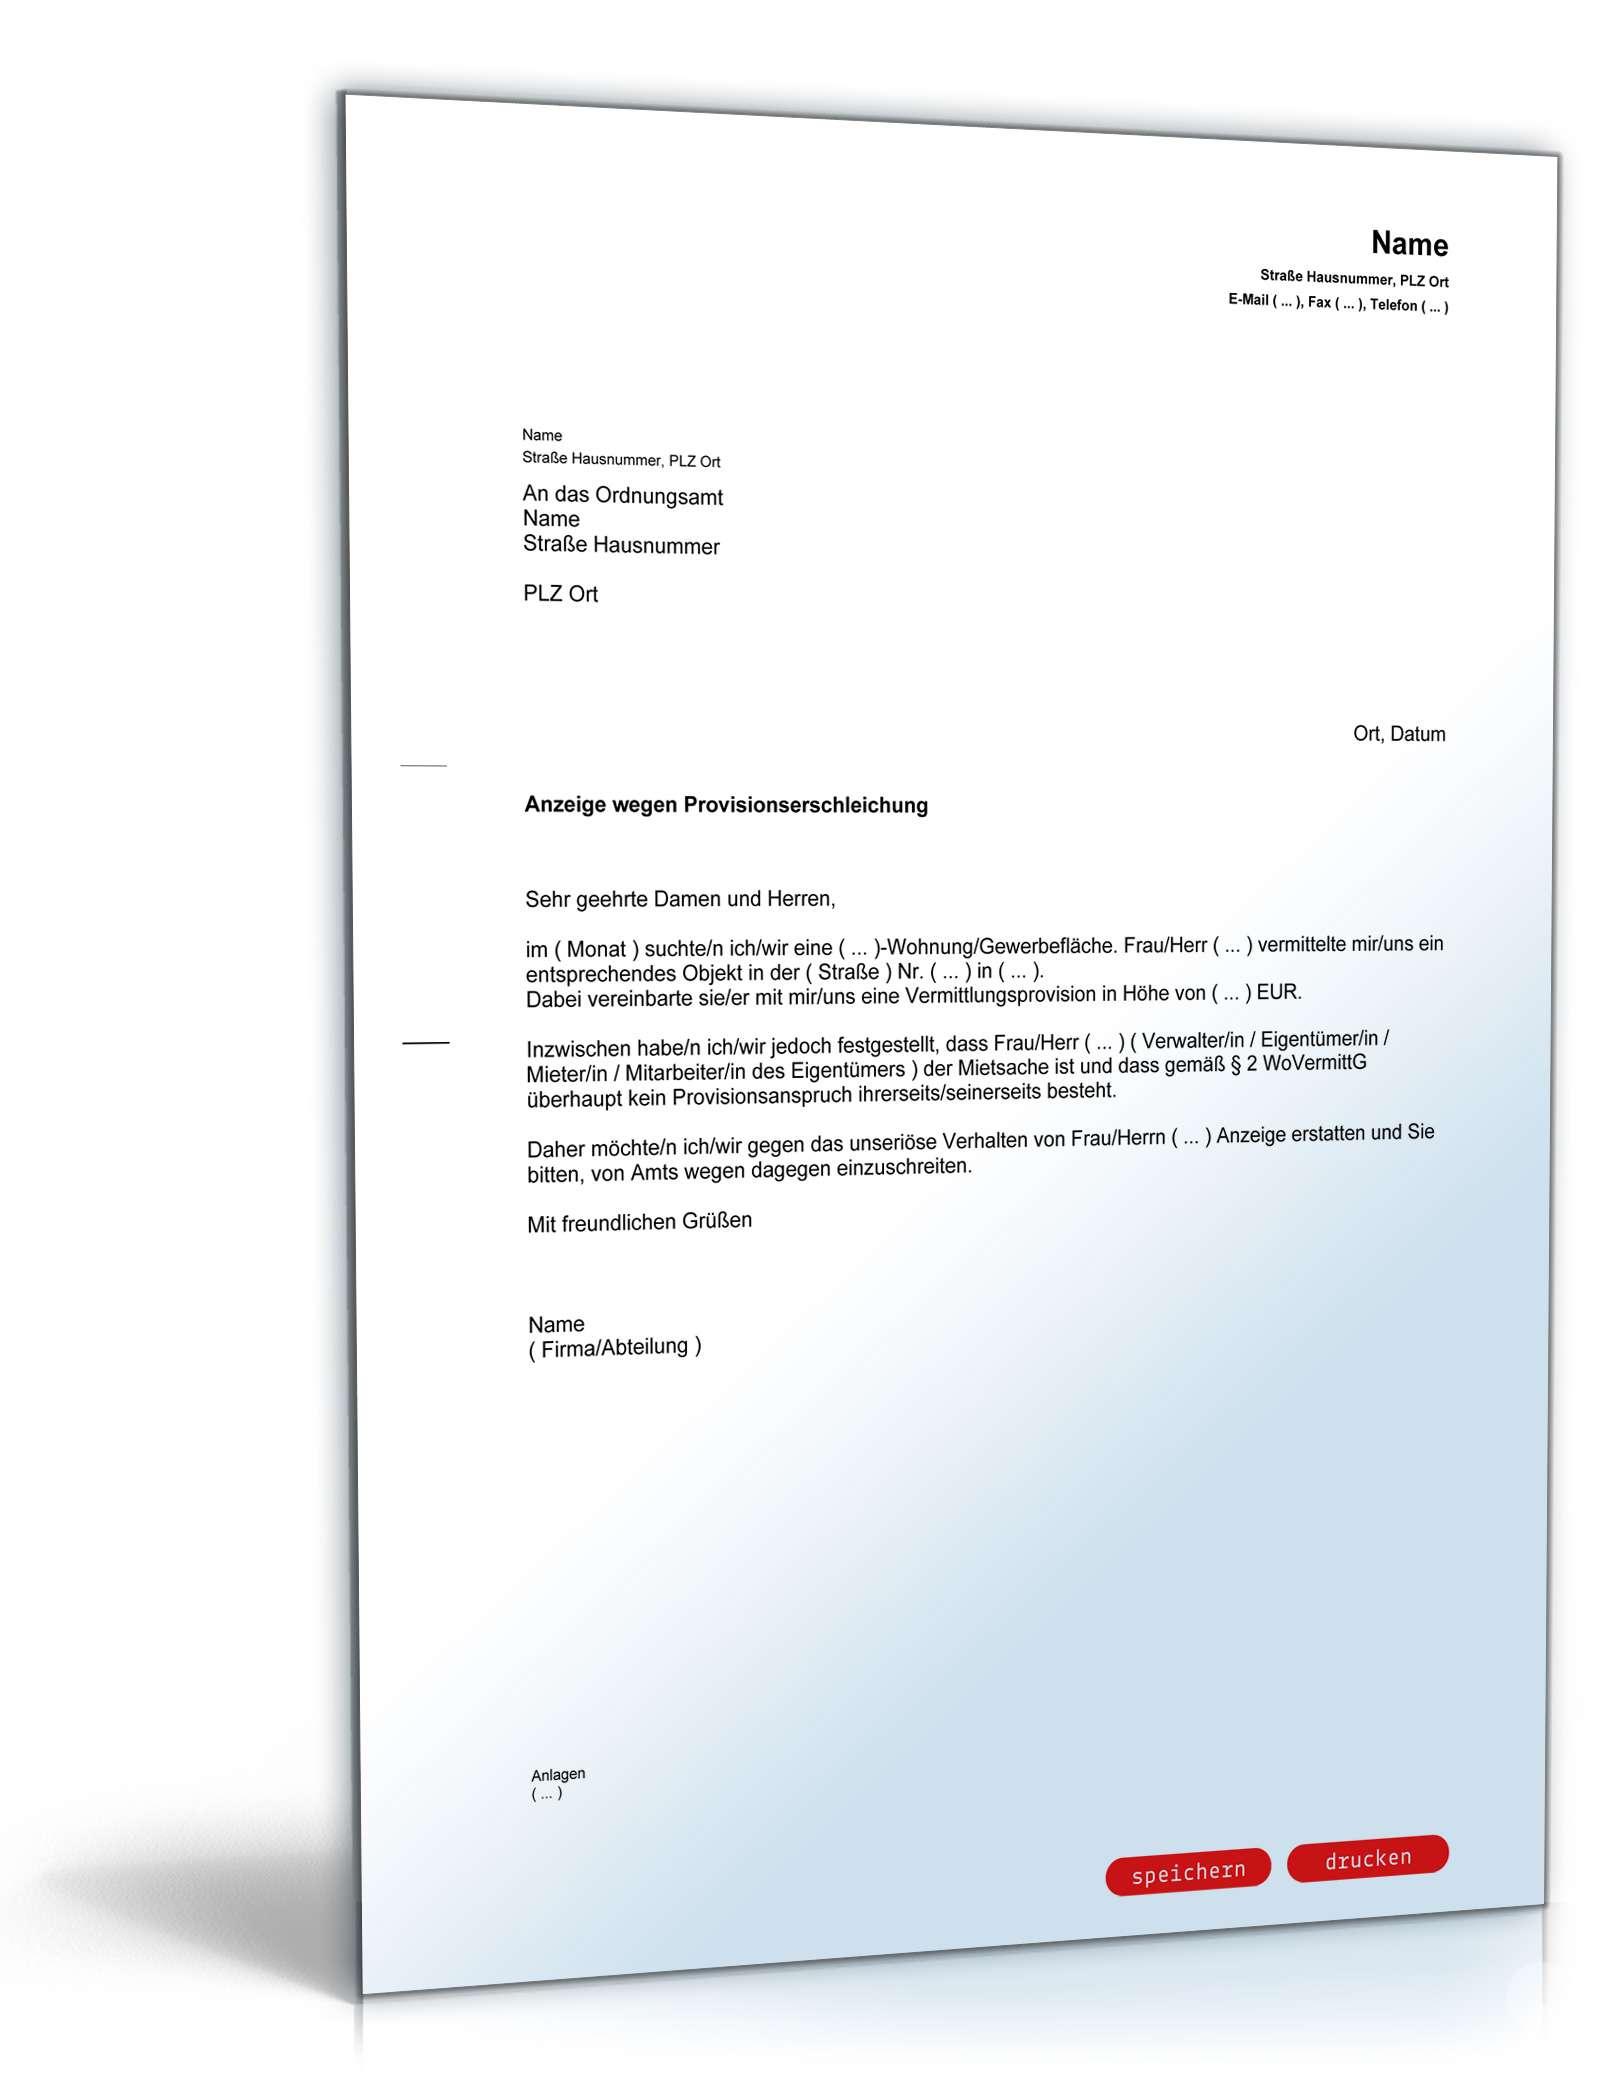 Anzeige Wegen Provisionserschleichung Muster Zum Download